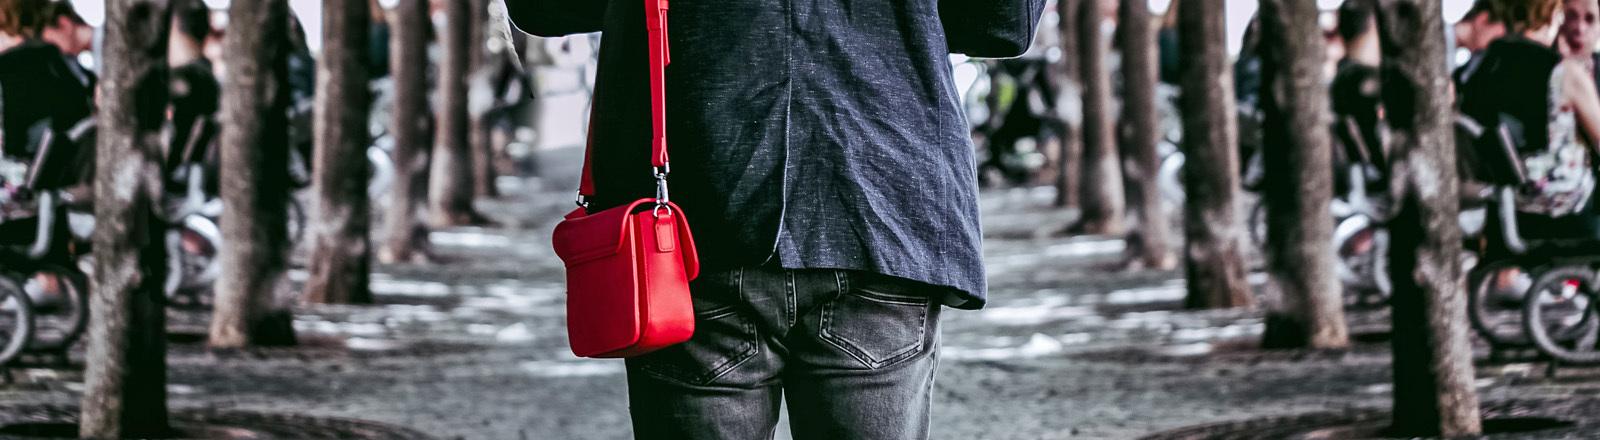 Ein Mann trägt eine Handtasche über die Schulter